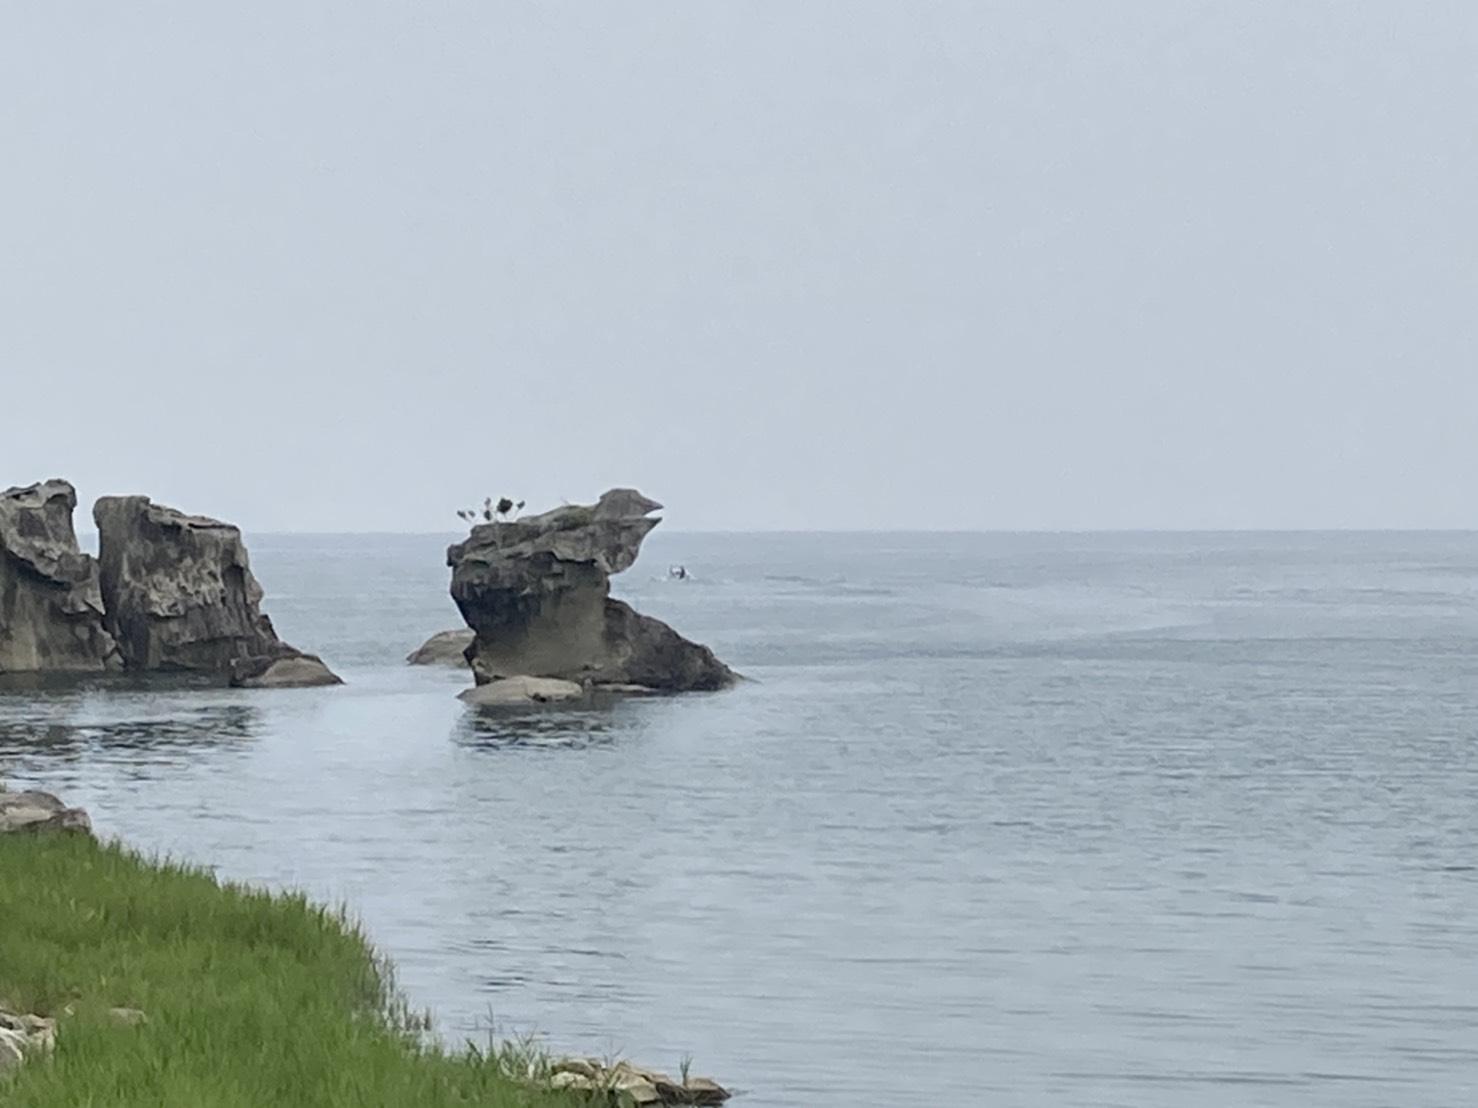 白浜周辺の釣り場封鎖は、解除されています。